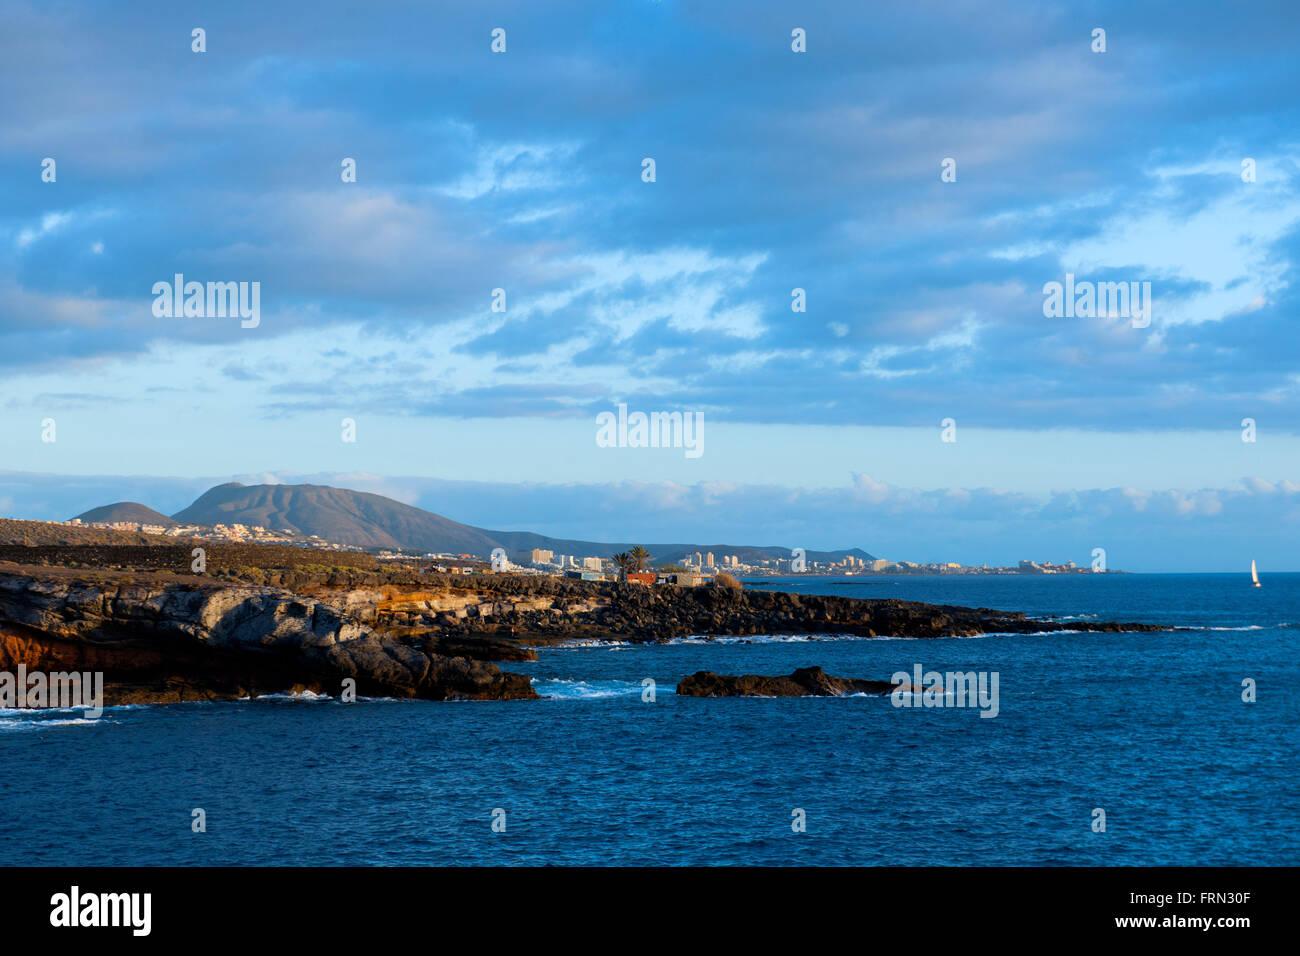 Spanien, Tenerife, Costa Adeje, Playa Paraíso, Blick nach Los Christianos Imagen De Stock